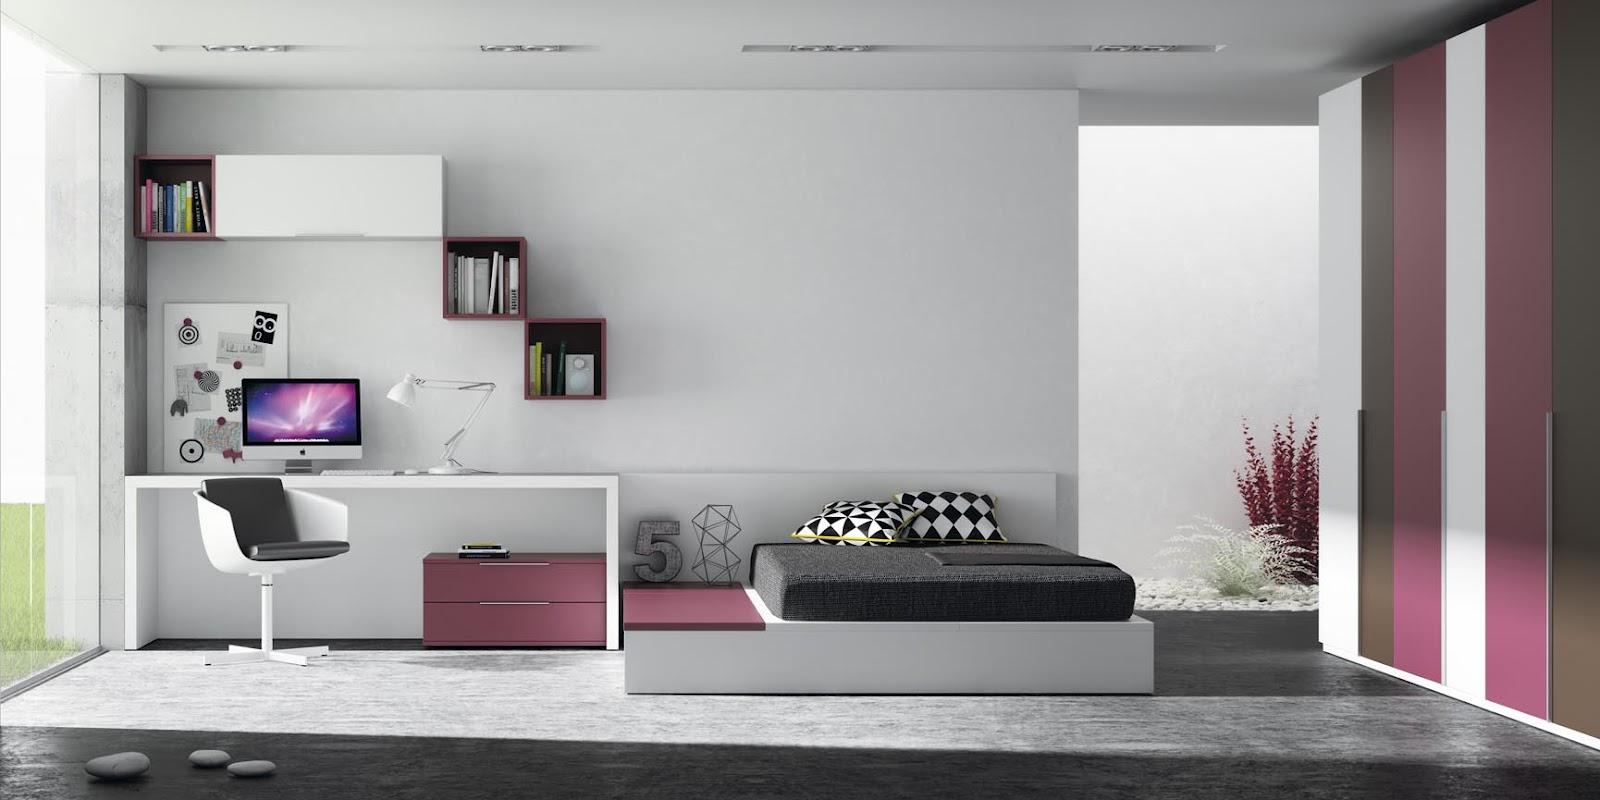 Dormitorios juveniles para adolescentes de 12 a os 13 a os - Ideas para decorar una habitacion juvenil ...